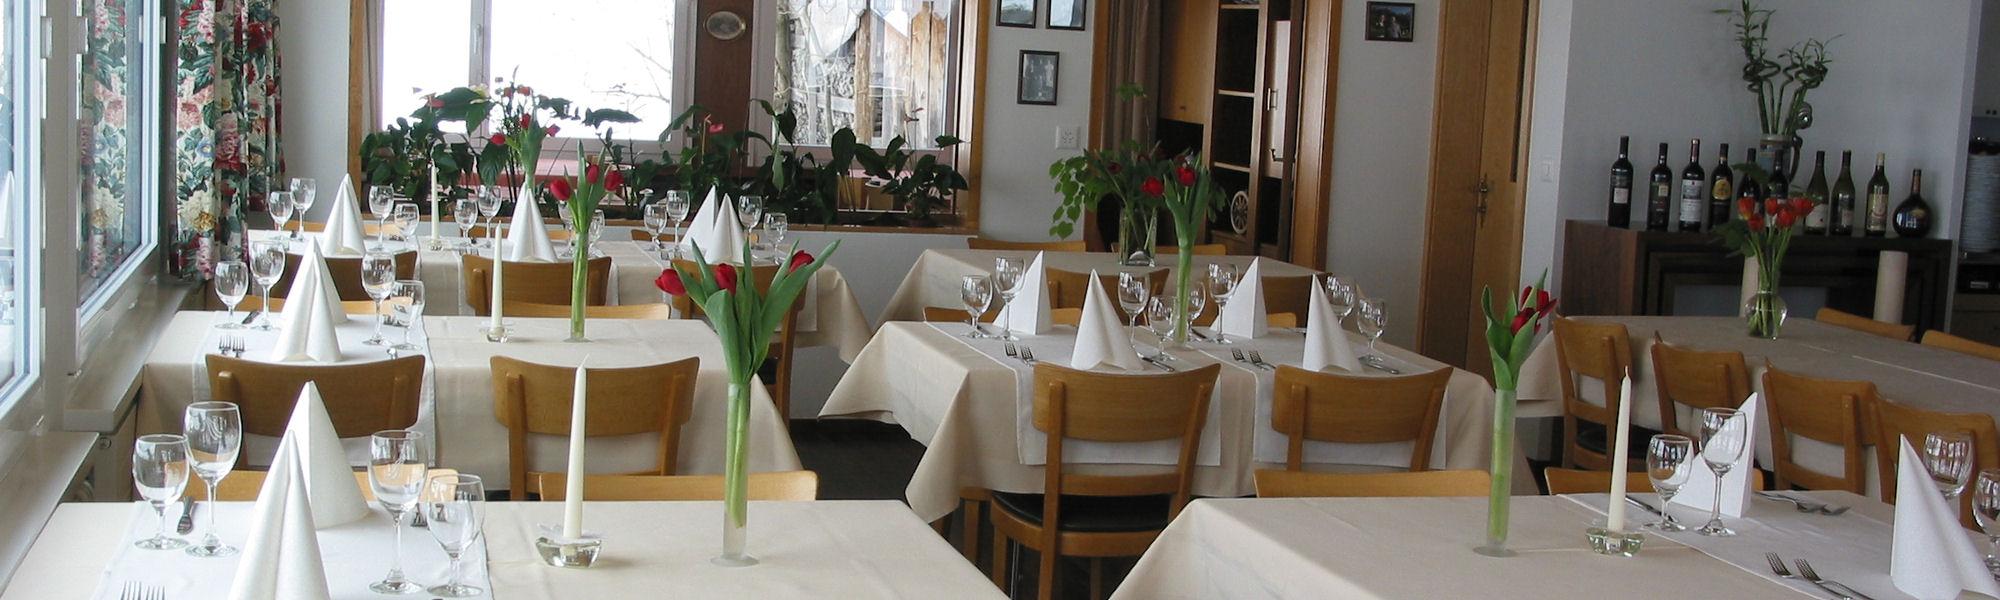 hotel-frohe-aussicht-slider-restaurant